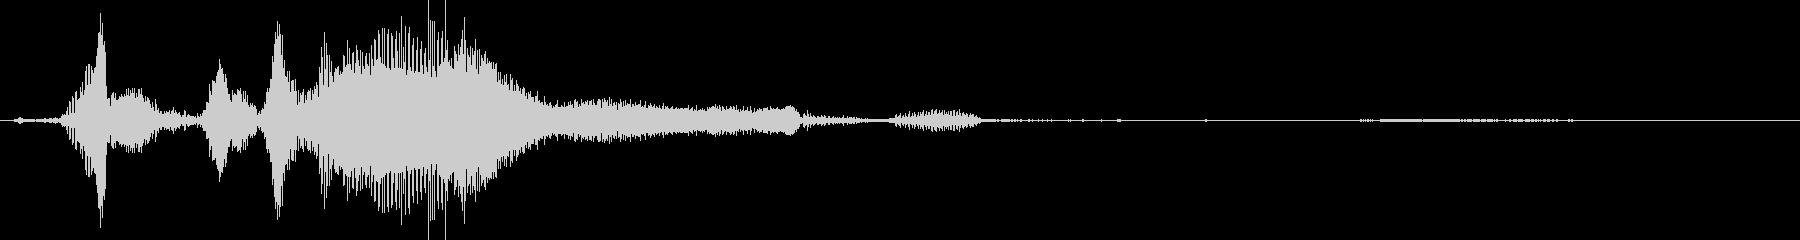 1962ジャガータイプE:内線:ス...の未再生の波形